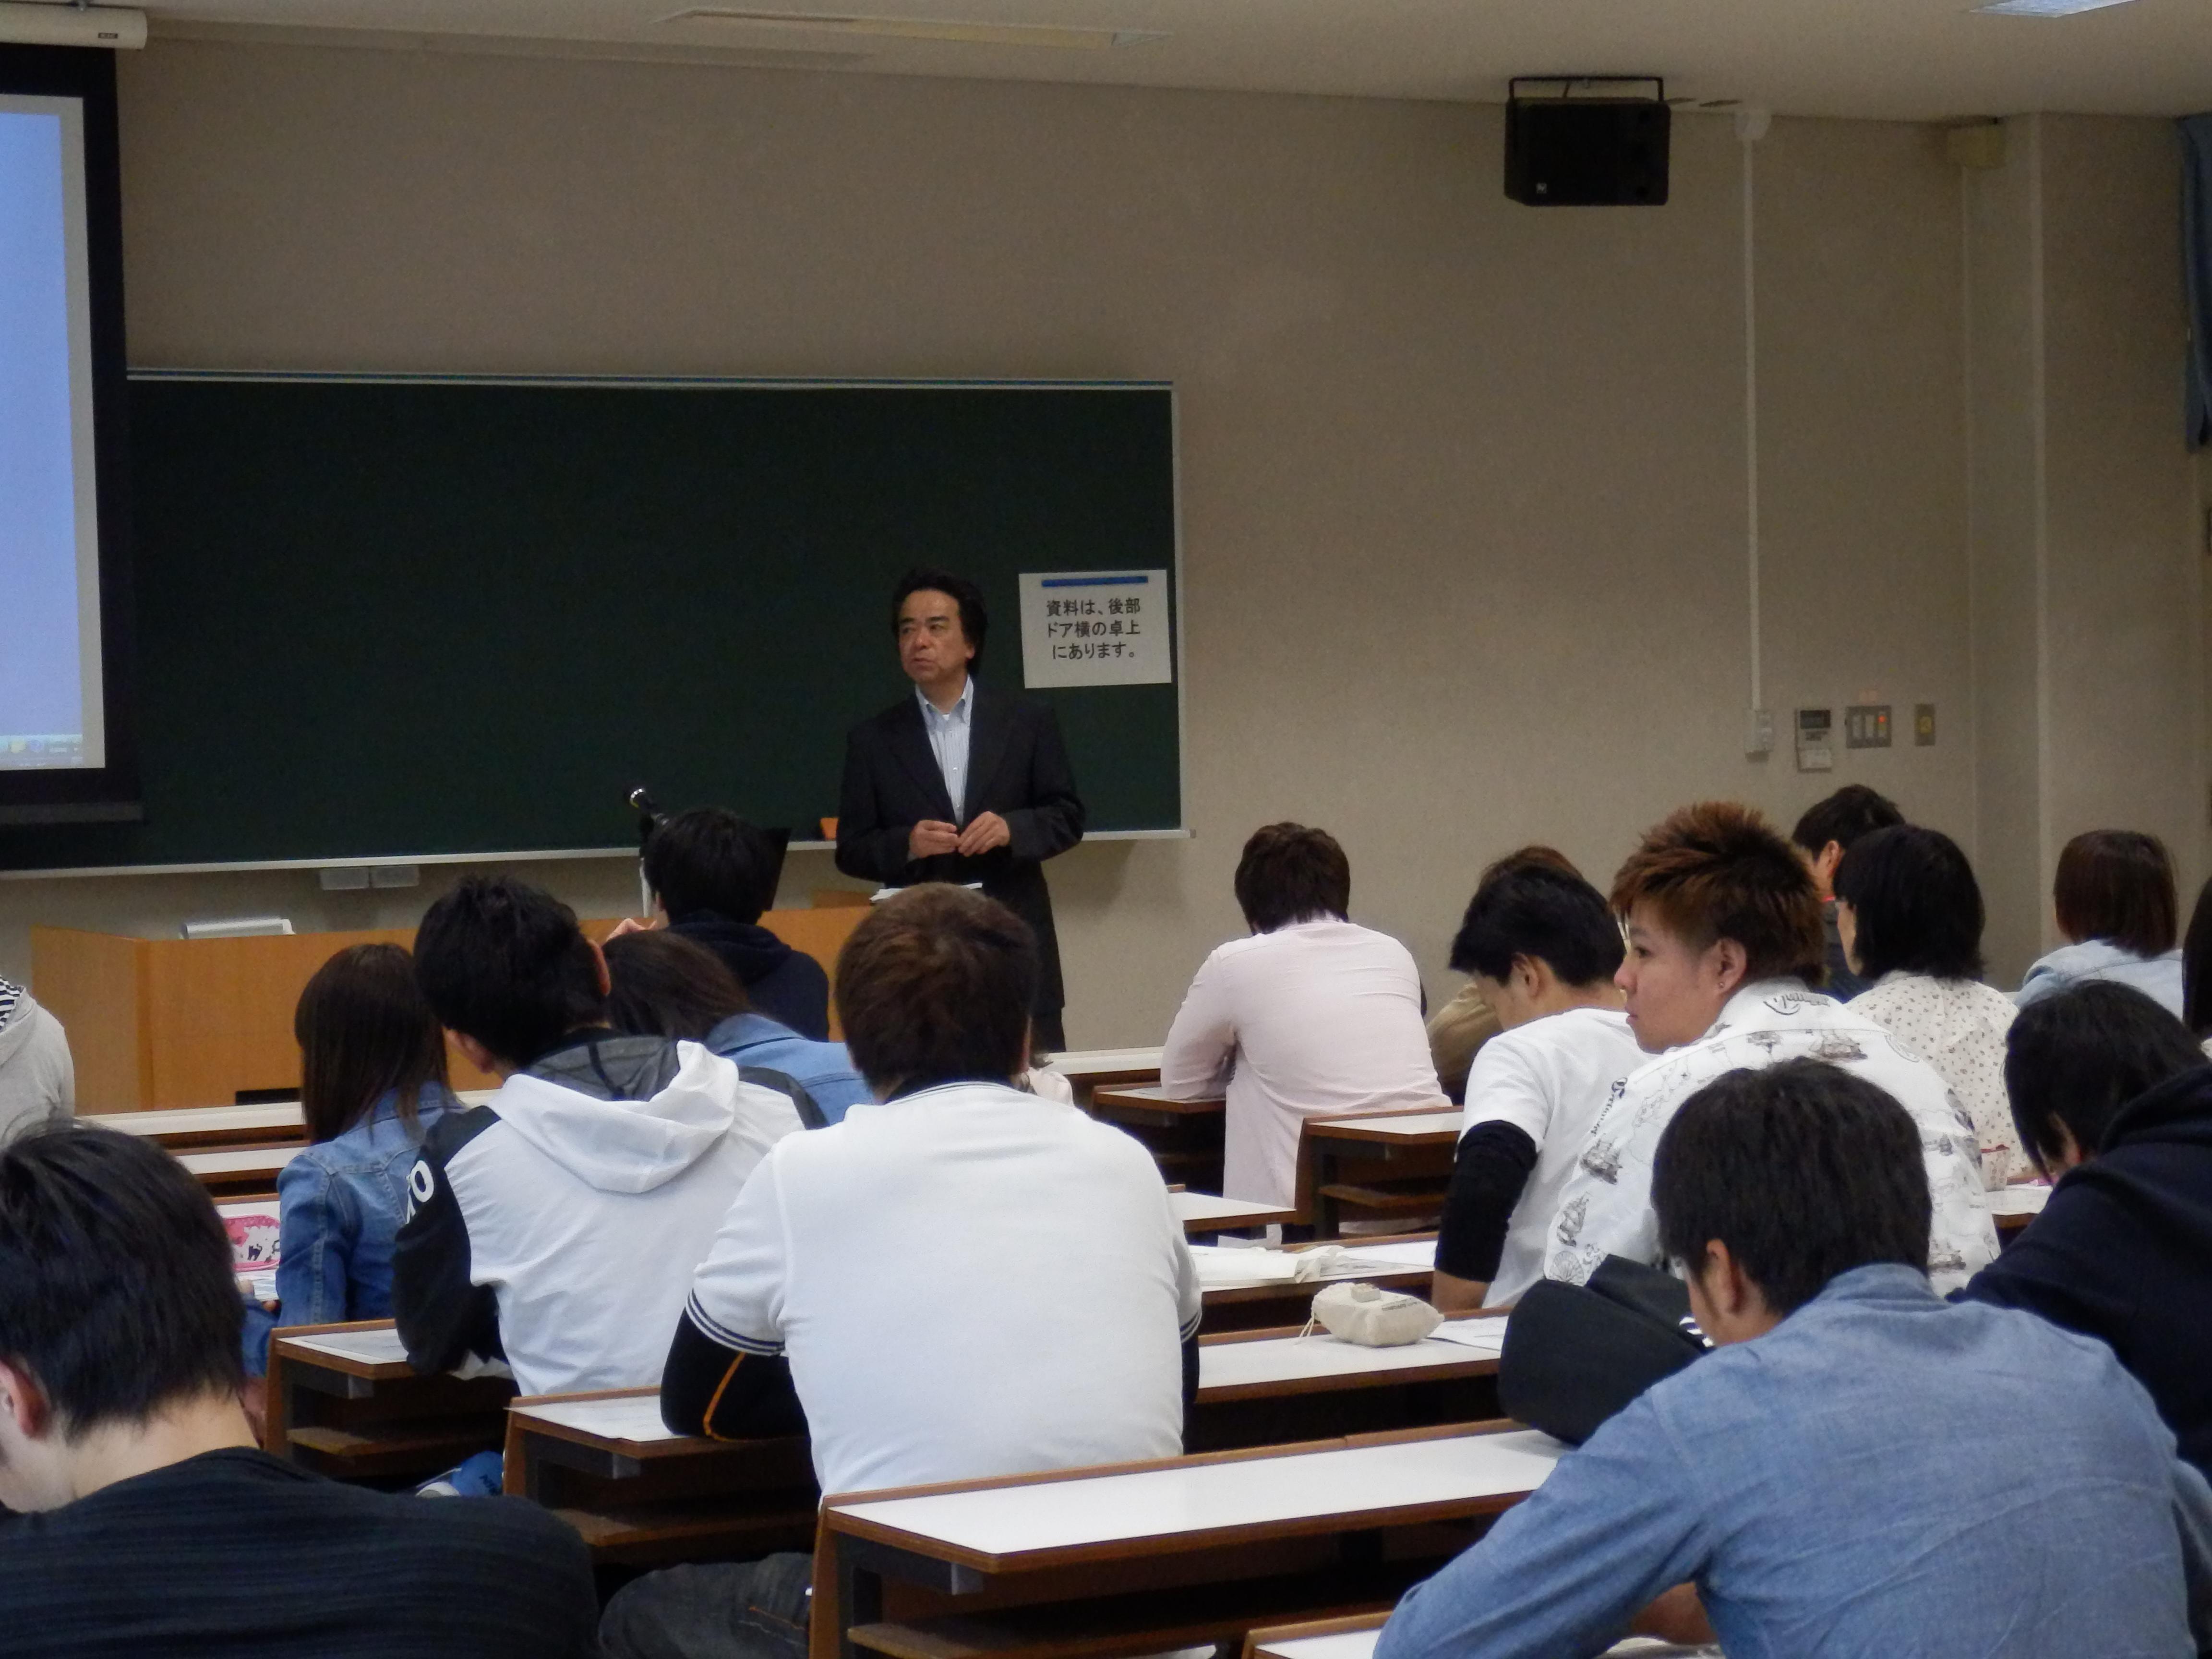 以前の講義での質問に回答される春名貢氏(奈良財務事務所総務課長)